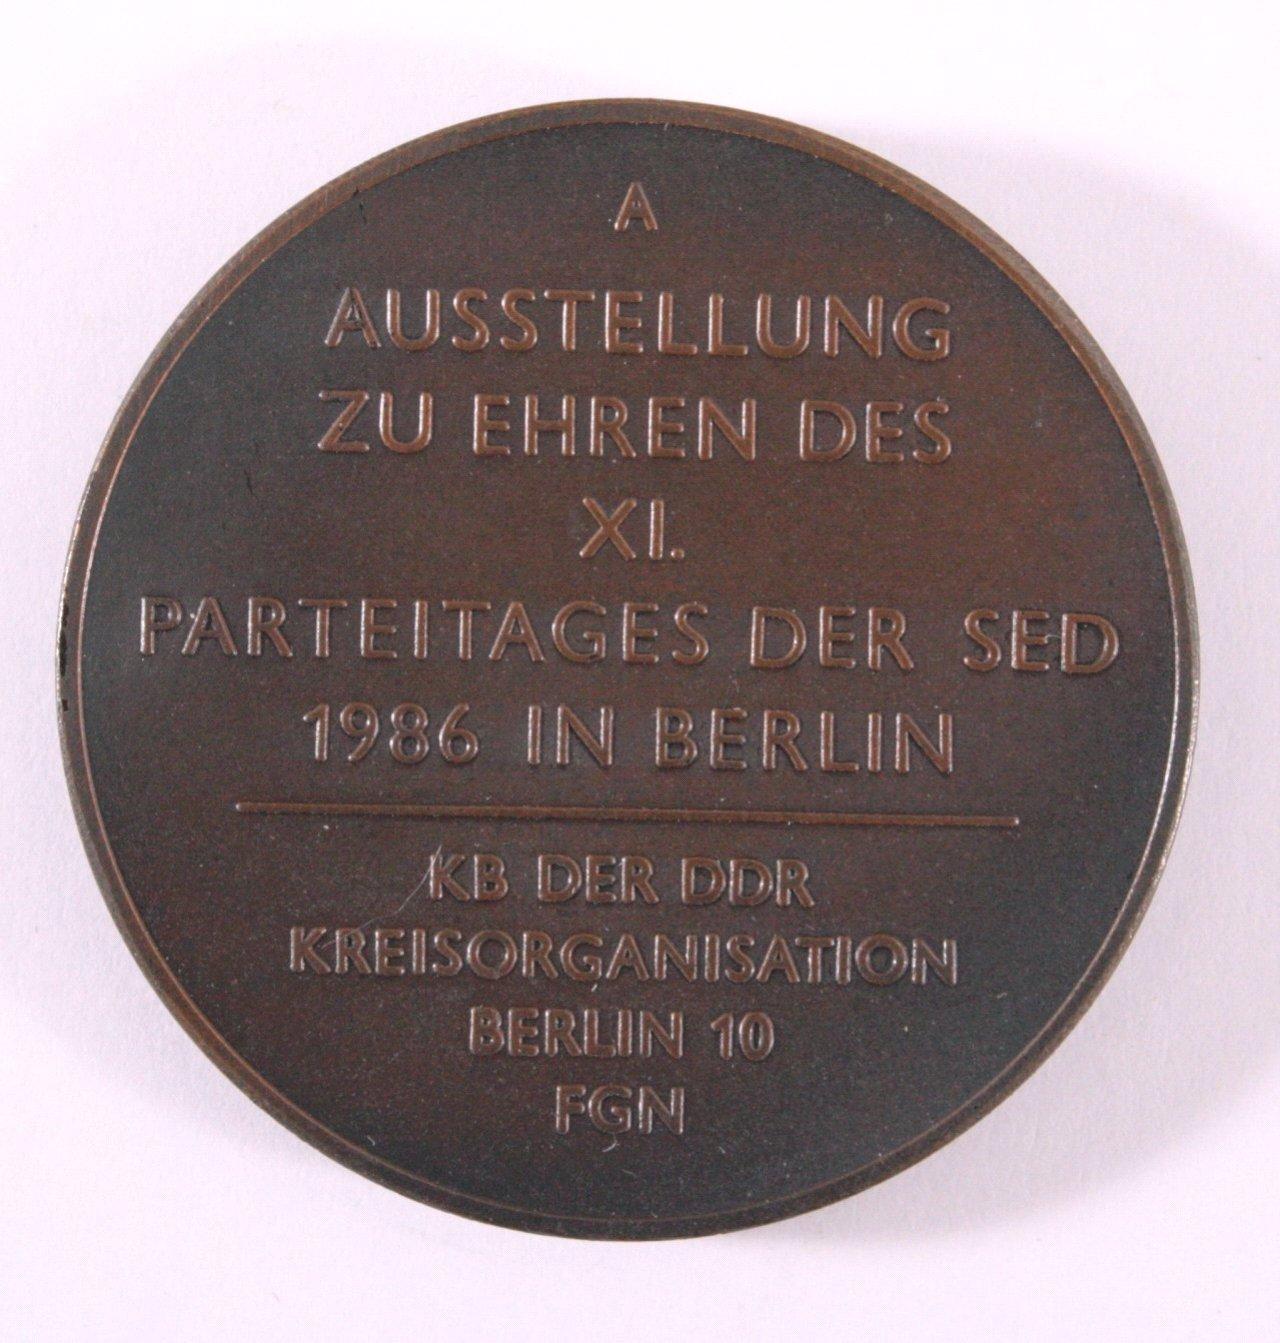 DDR Medaille, Robert Korb SED 1986-1